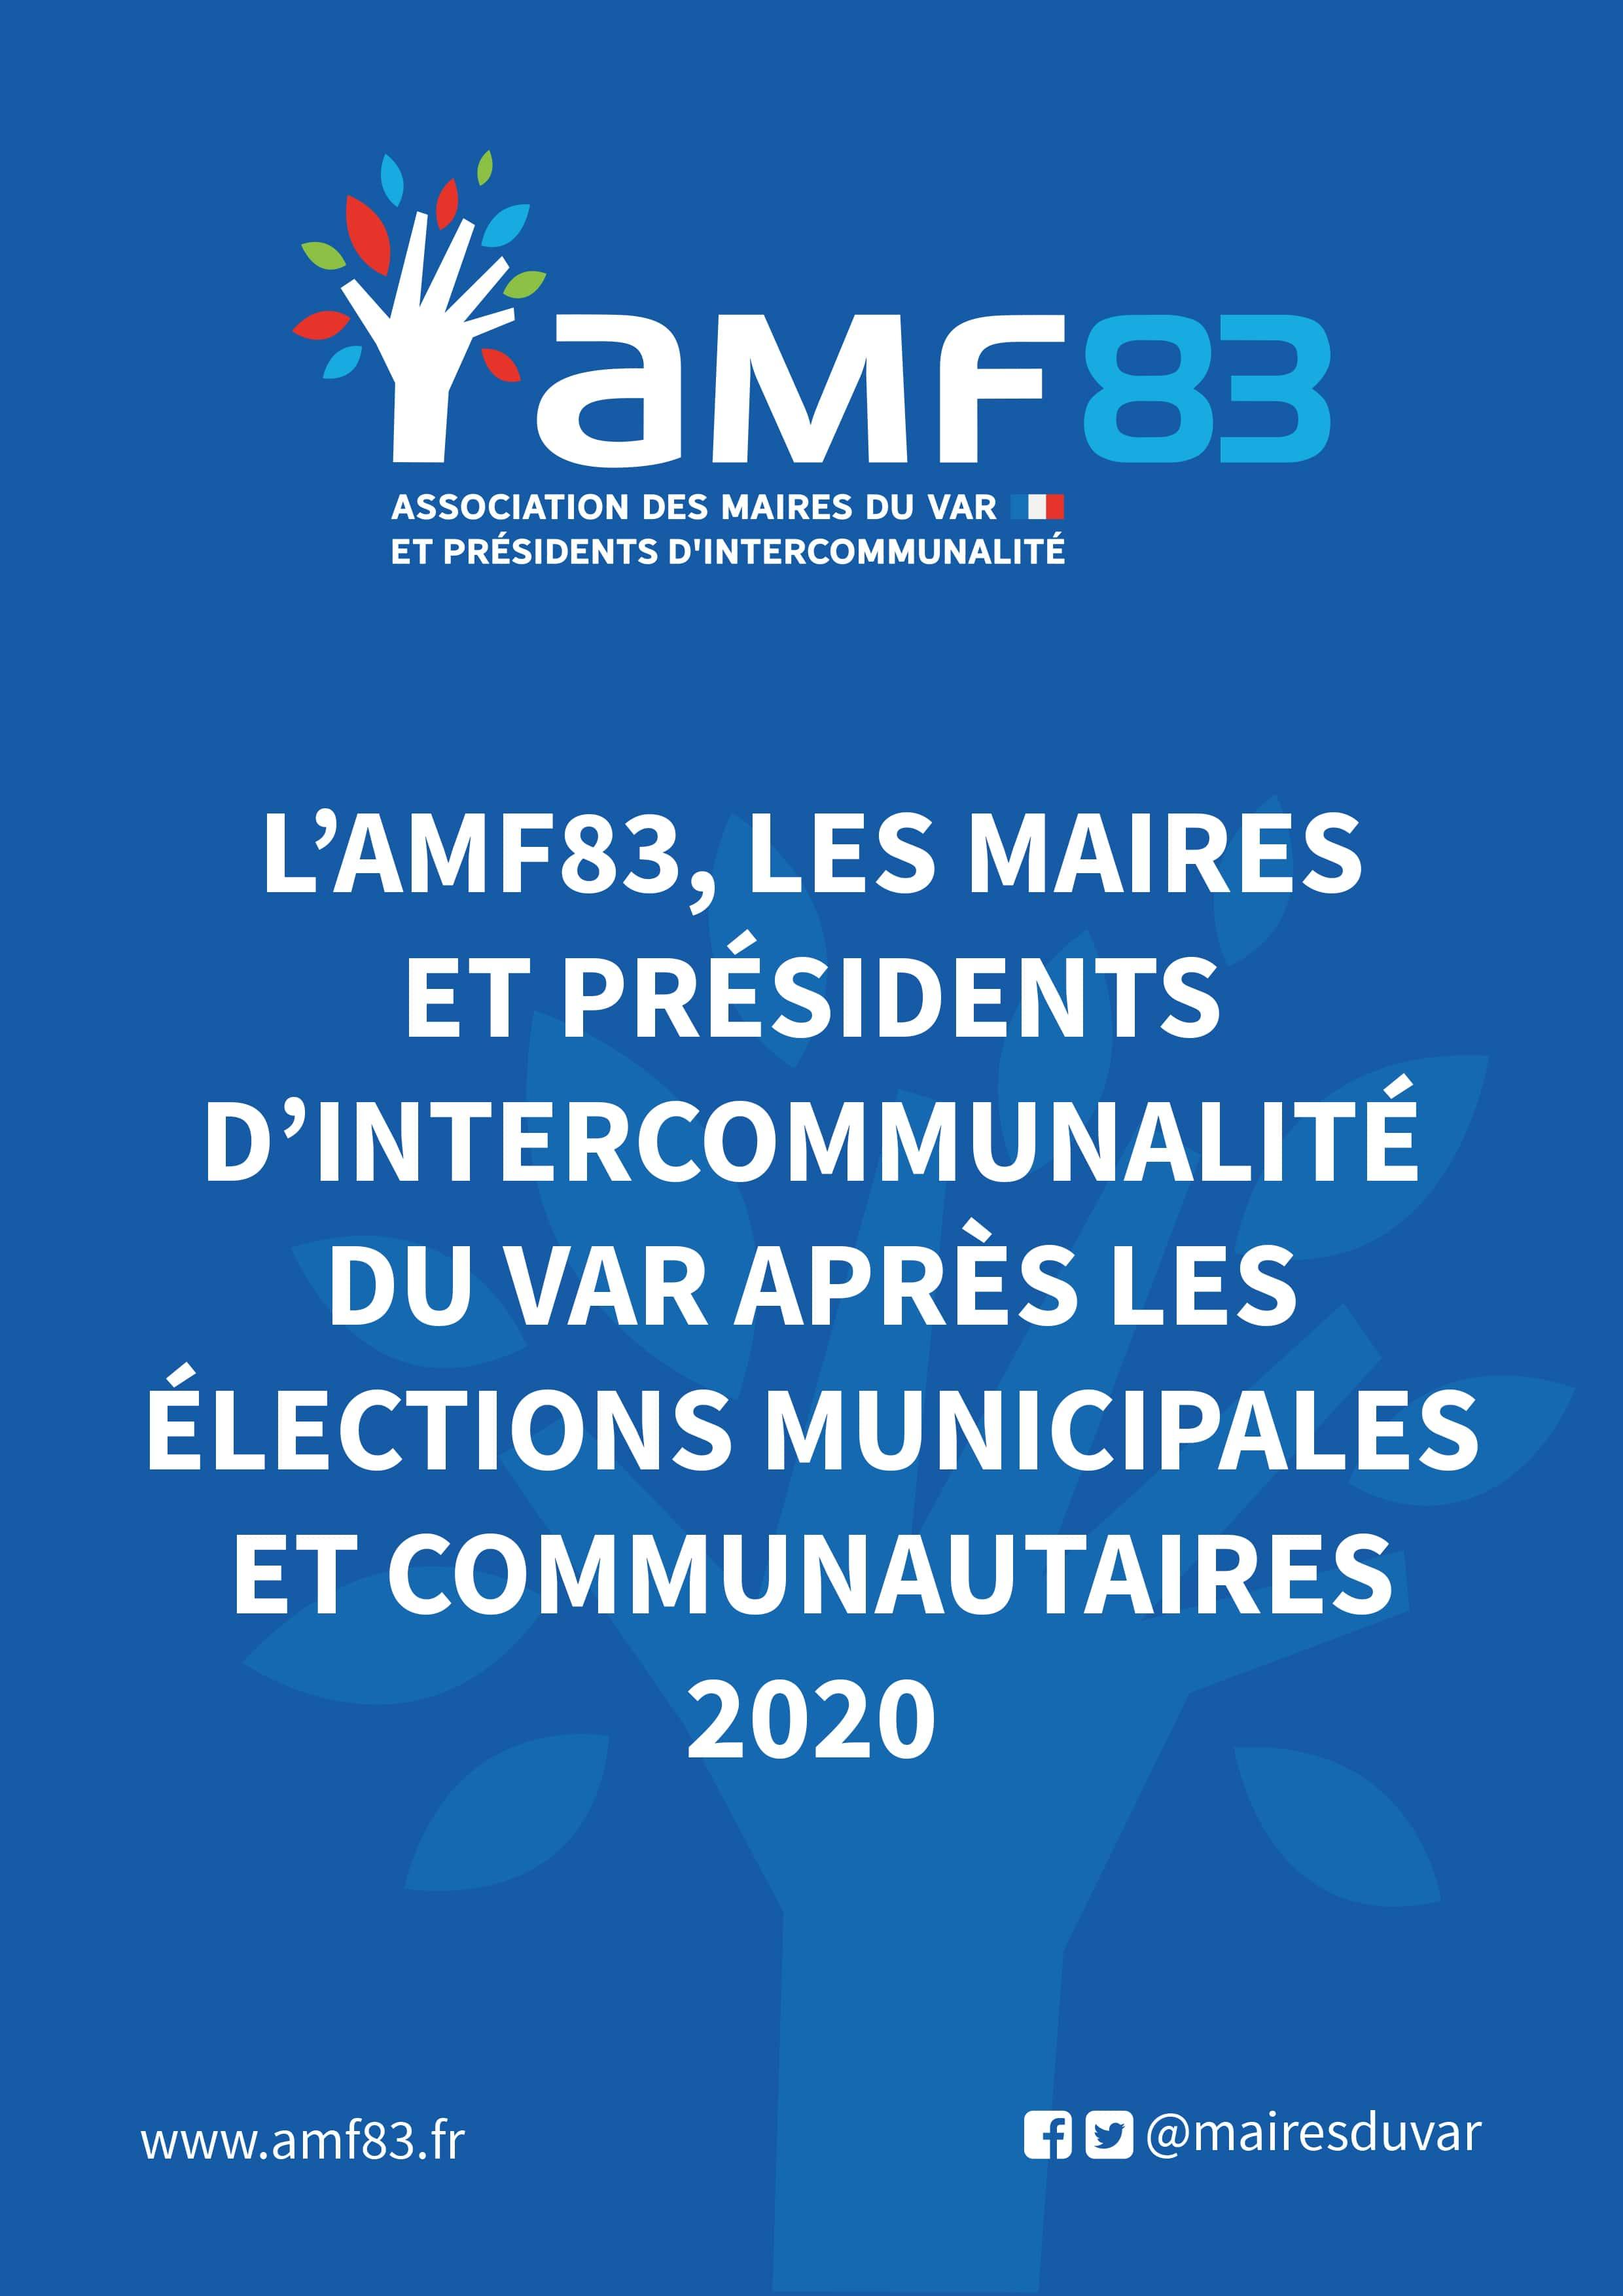 amf83-maires-var-2020-livret-min